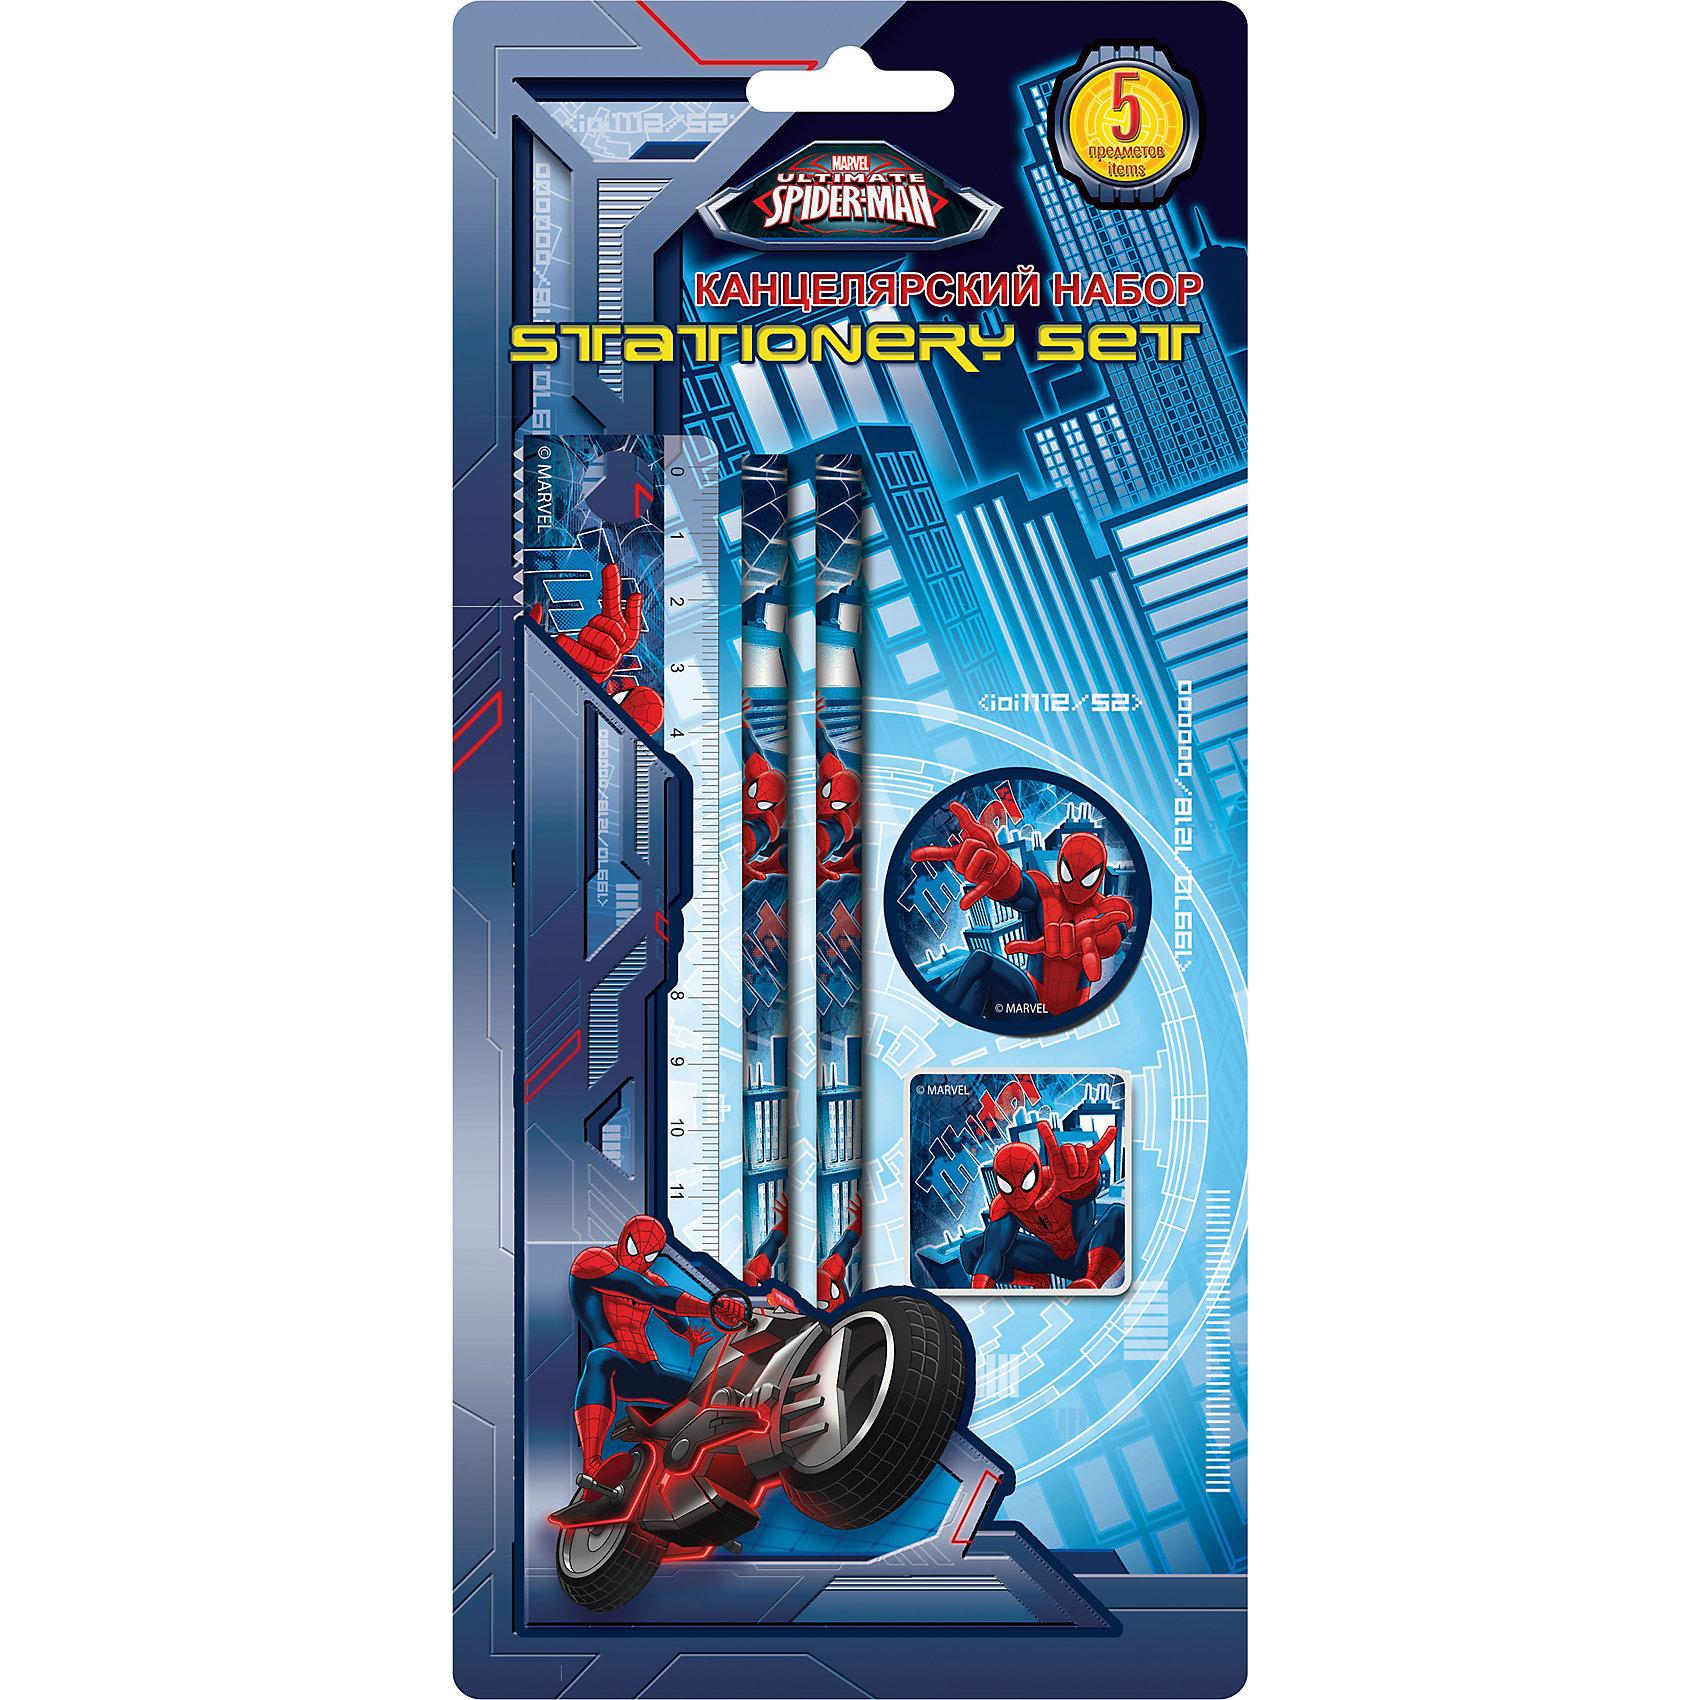 Академия групп Канцелярский набор (5 предметов), Человек-Паук академия групп набор канцелярский в подарочной коробке человек паук